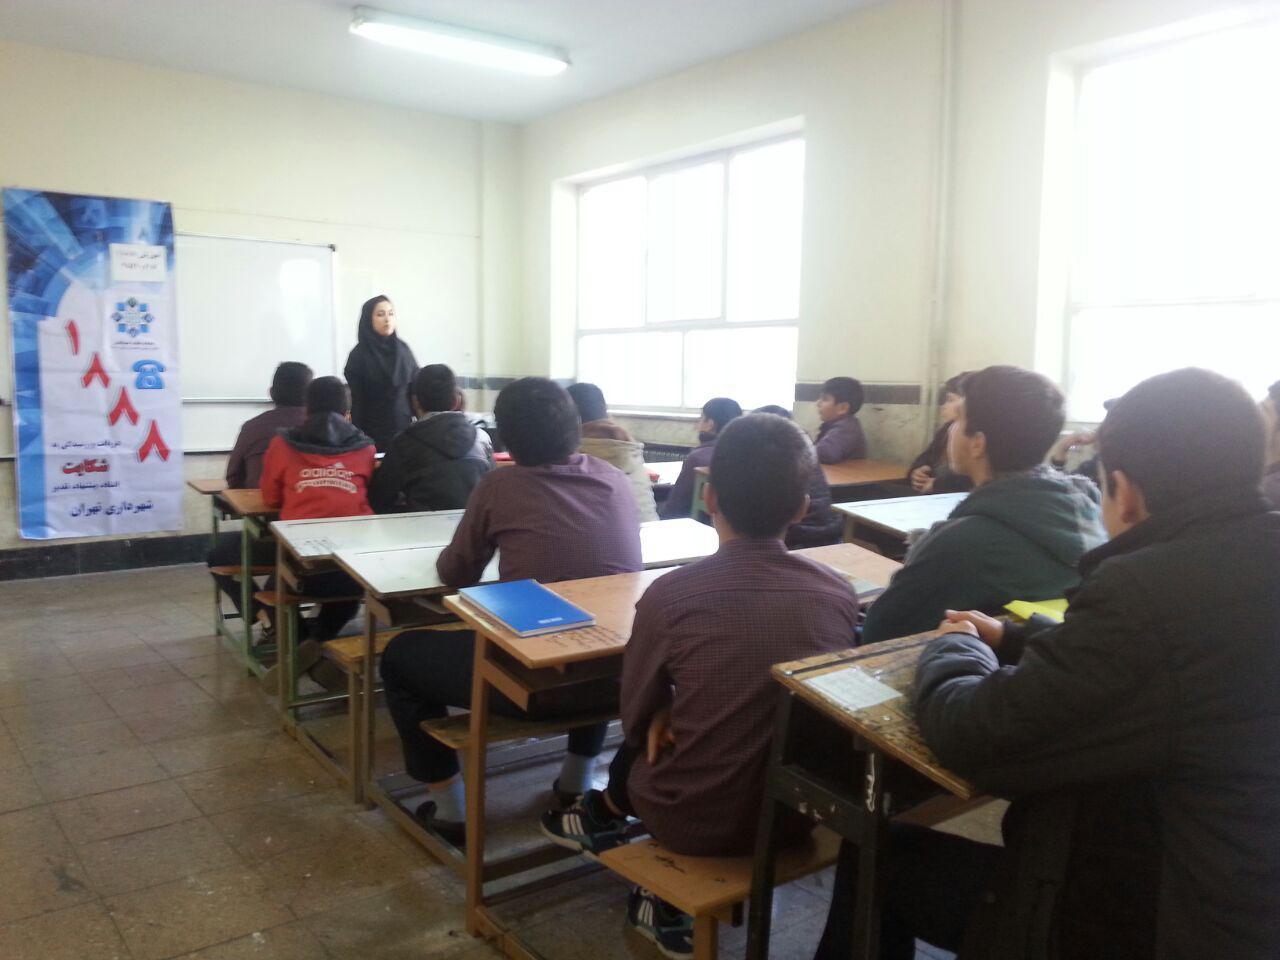 برگزاری کلاس های آموزشی شهرداری برای دانش آموزان دبیرستان شهدای صنف گردبافان